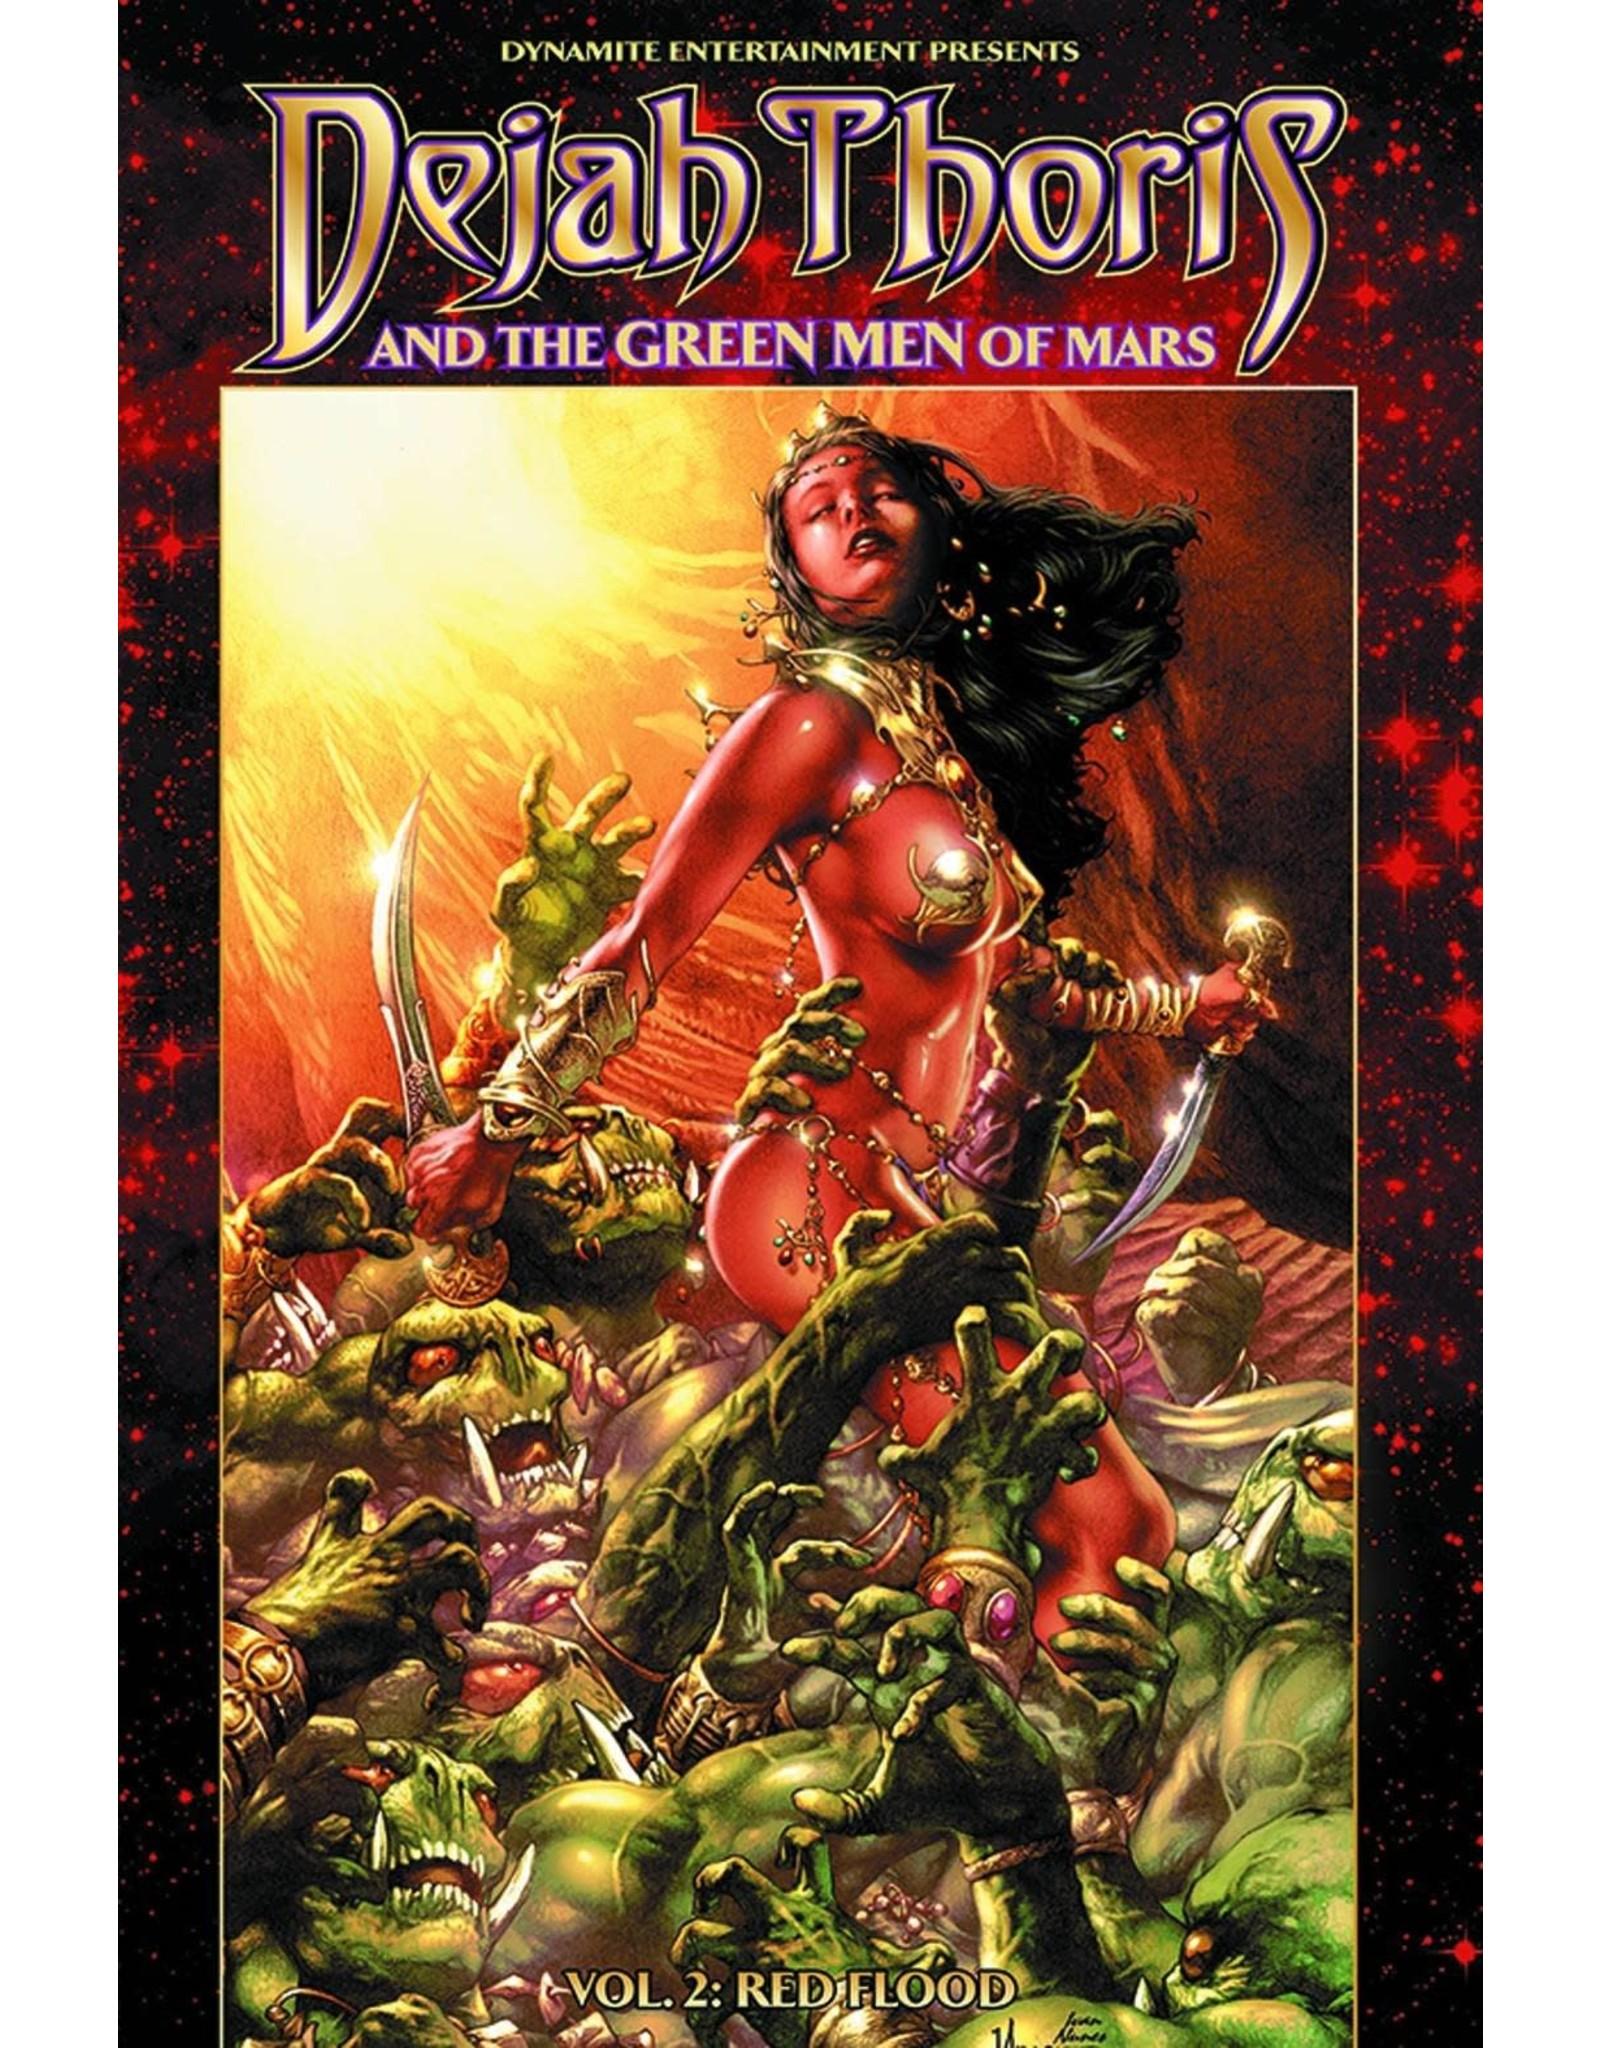 D. E. DEJAH THORIS & GREEN MEN OF MARS TP VOL 02